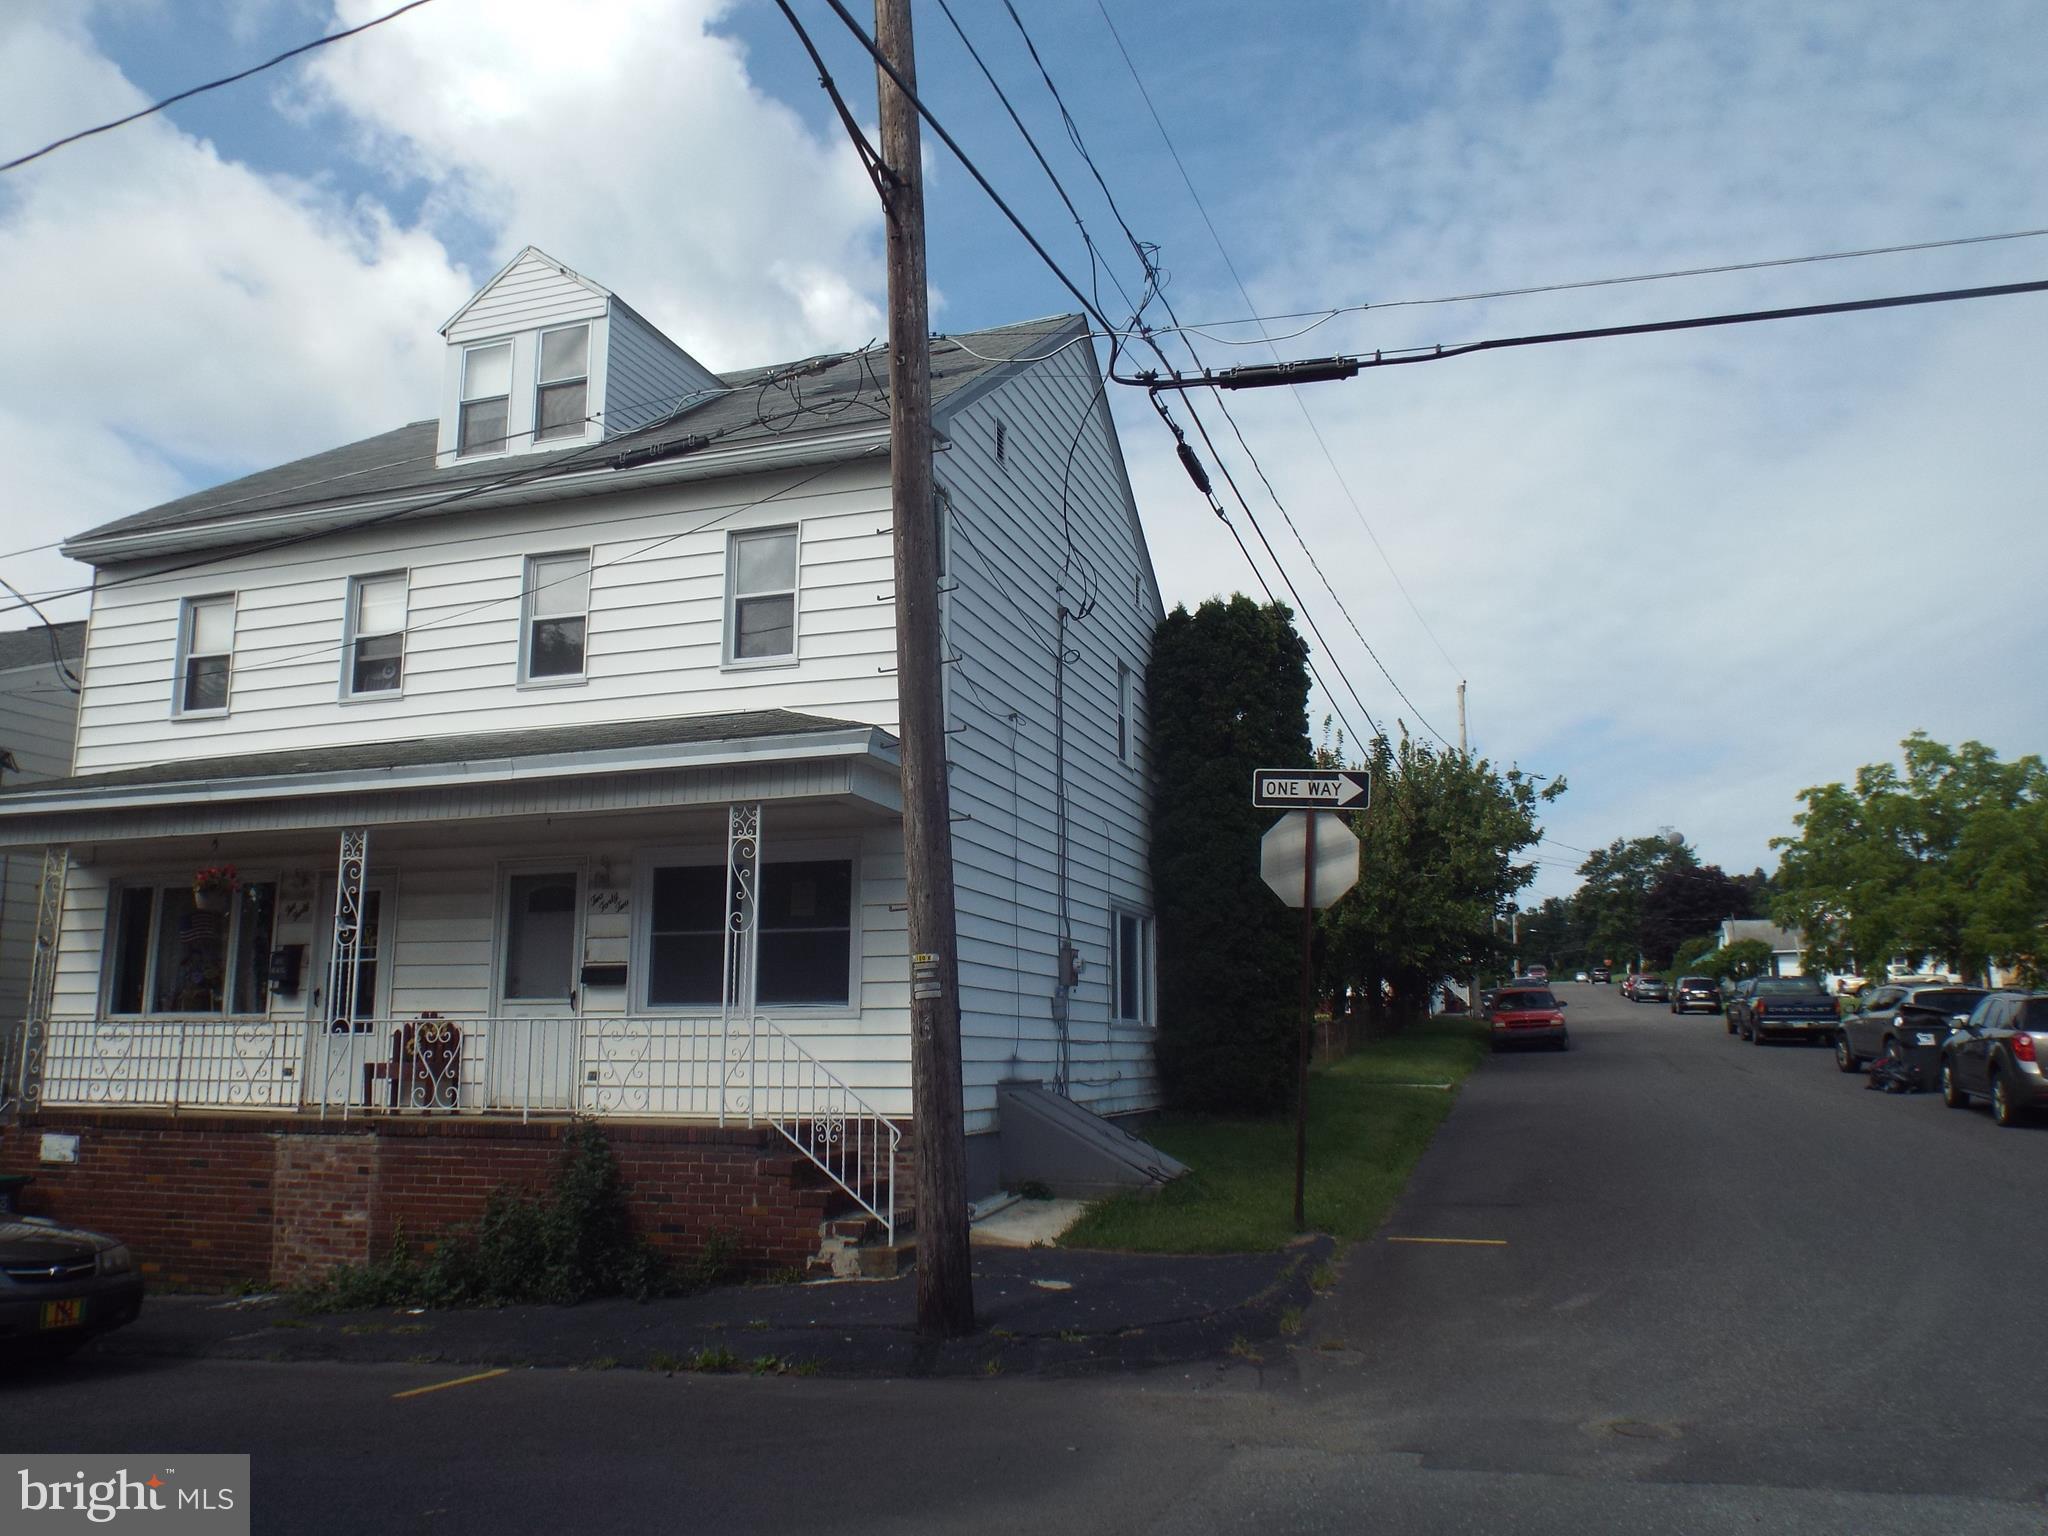 242 N 2ND STREET, FRACKVILLE, PA 17931